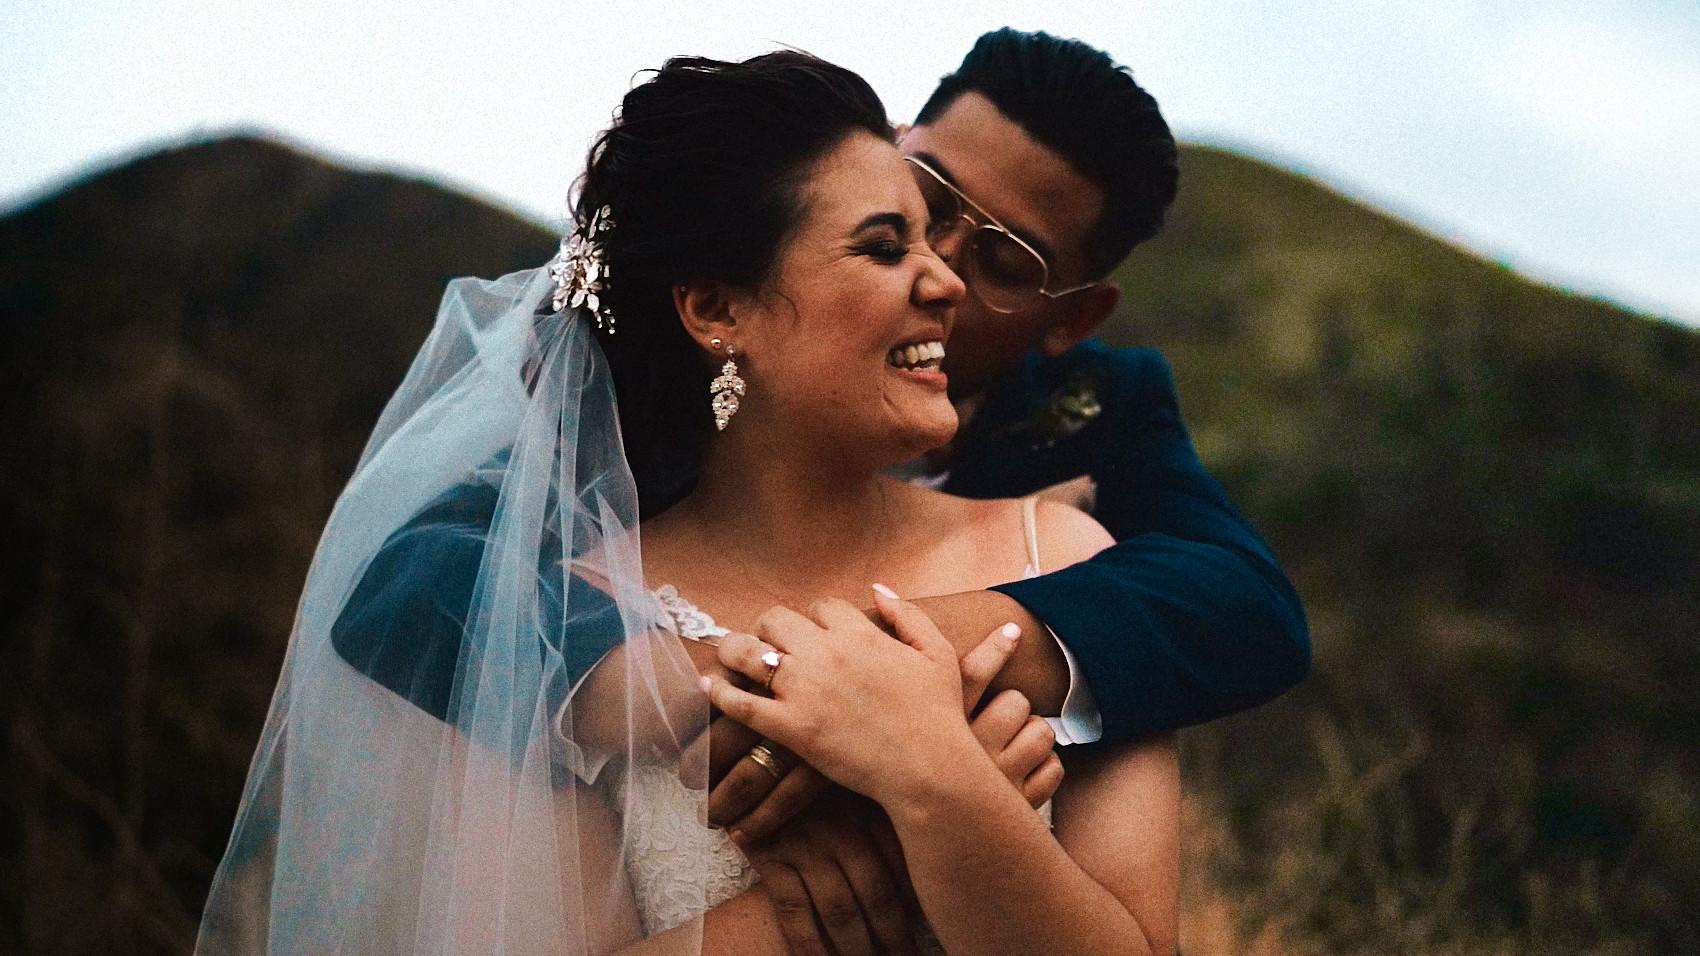 Isaac + Sarah | Agoura Hills, California | Agoura Hills Recreation and Event Center